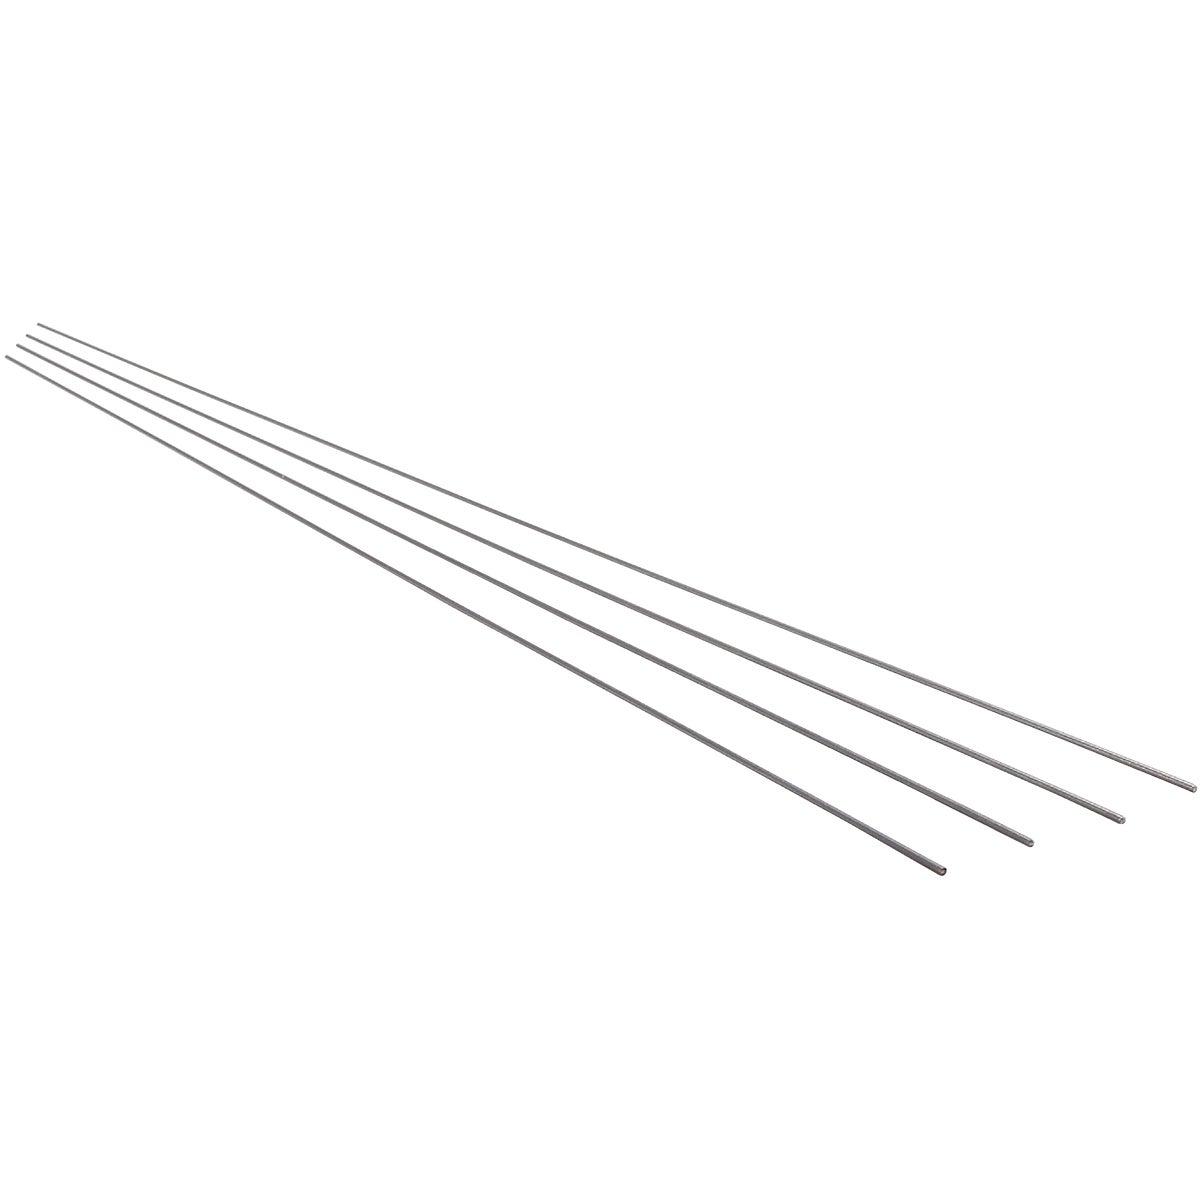 K&S .055 In. x 36 In. Steel Music Wire